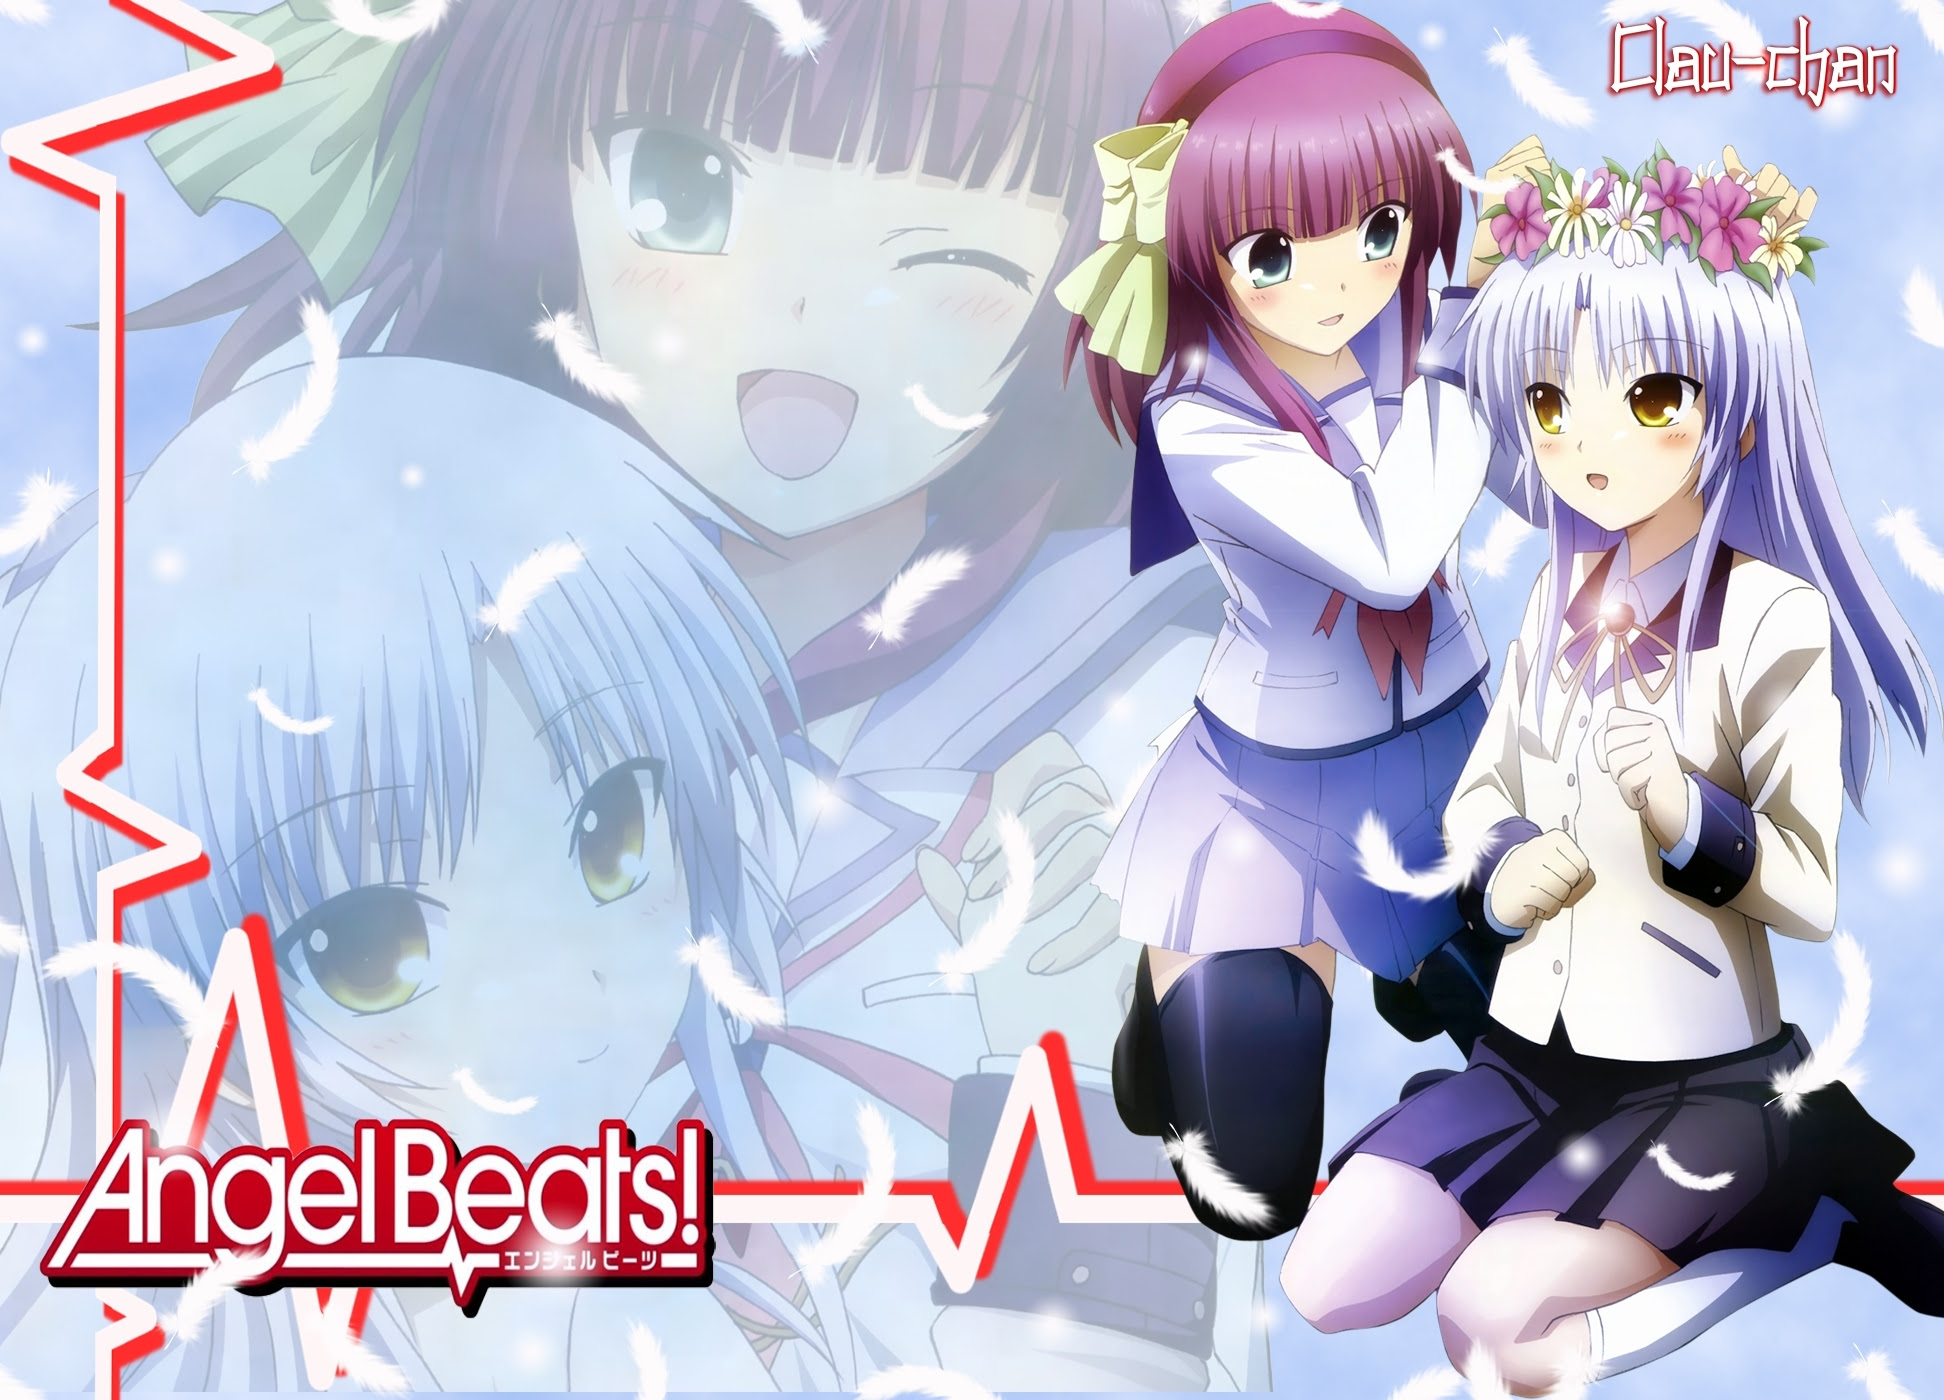 厳選100枚 Angel Beats エンジェルビーツ 画像 壁紙 動画集